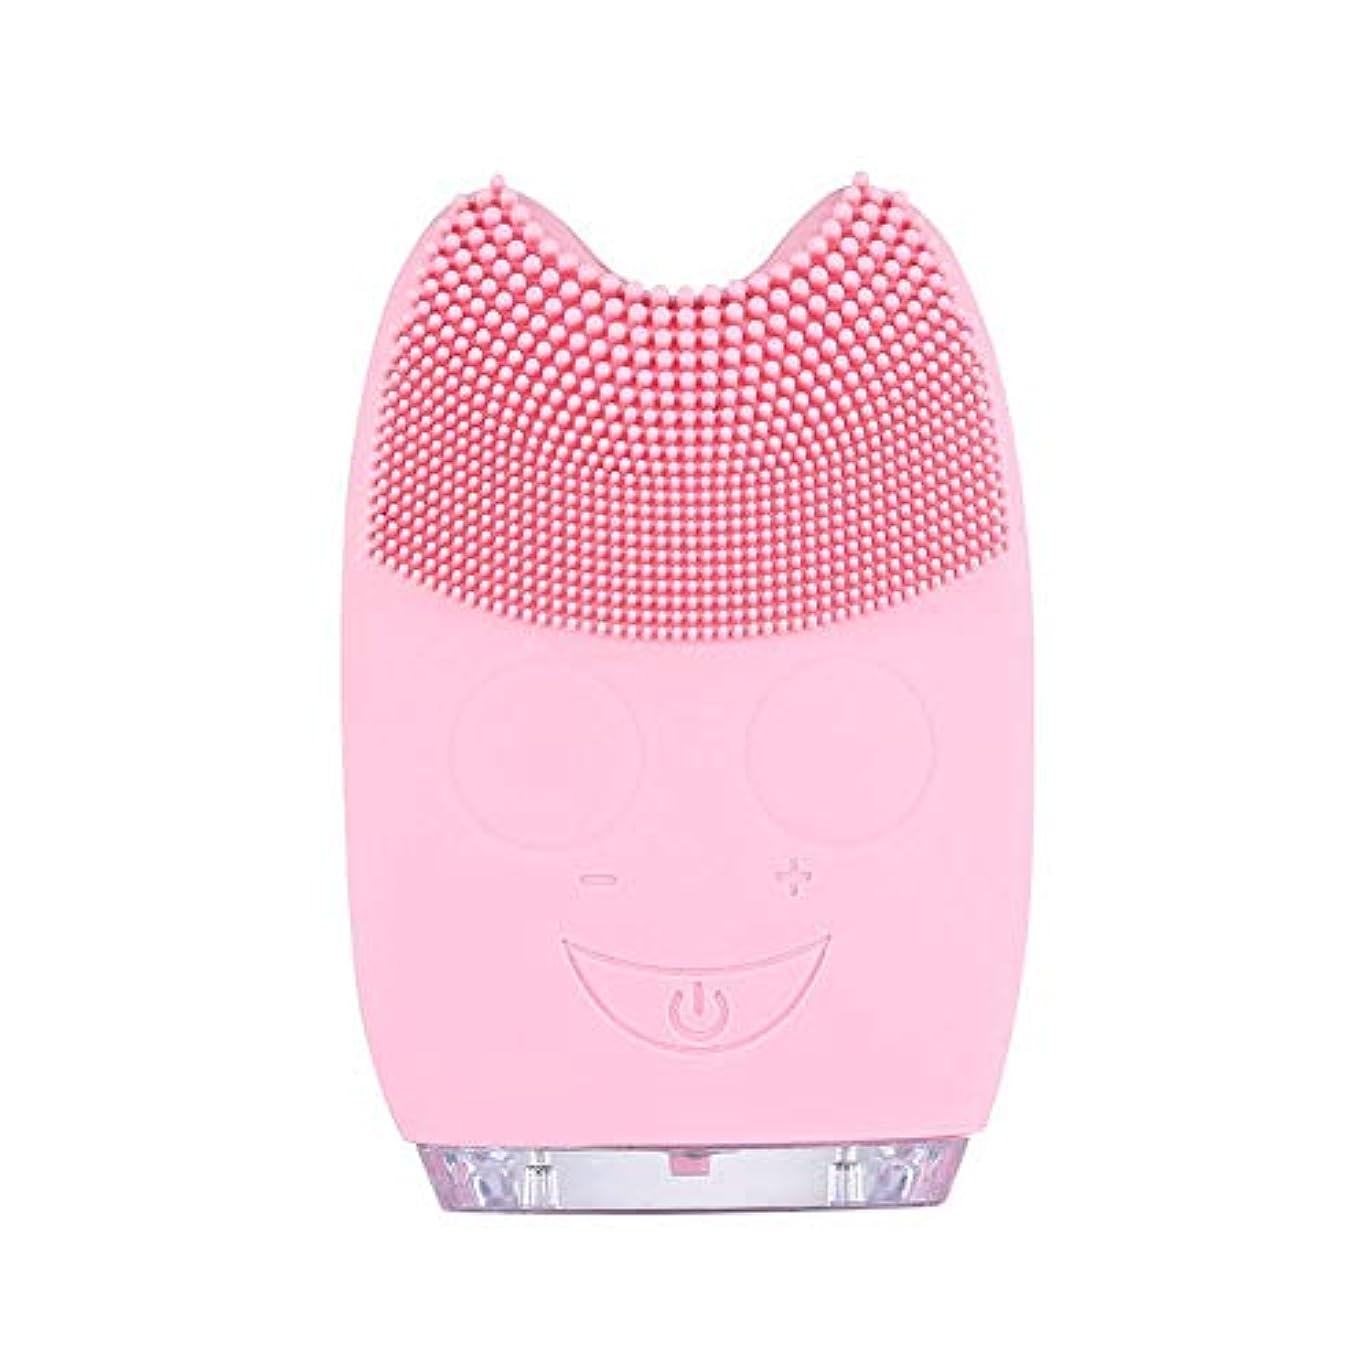 増加する鎮痛剤卵洗顔ブラシ ソニックフェイシャルクレンジングブラシマッサージャー充電式電気シリコーン剥離フェイススクラブブラシ ディープクレンジングスキンケア用 (色 : ピンク, サイズ : 9.8*6.4*3cm)